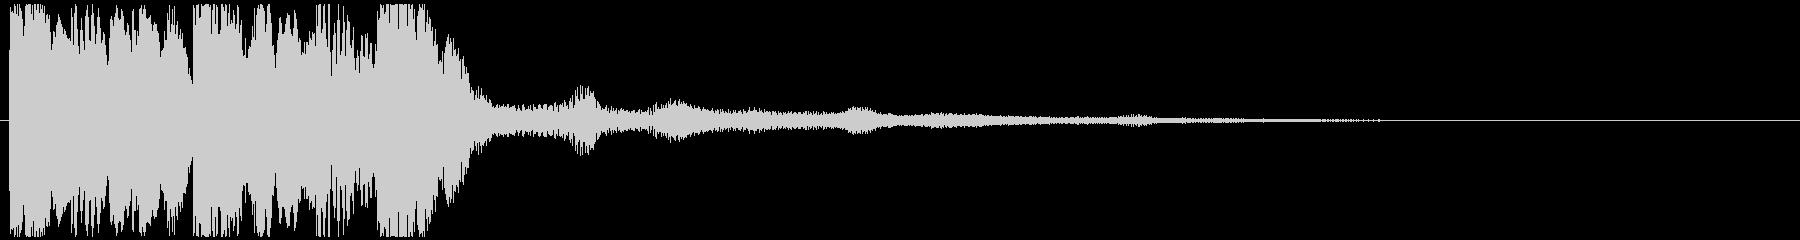 【ジングル】マリンバ ほのぼの 明るい2の未再生の波形